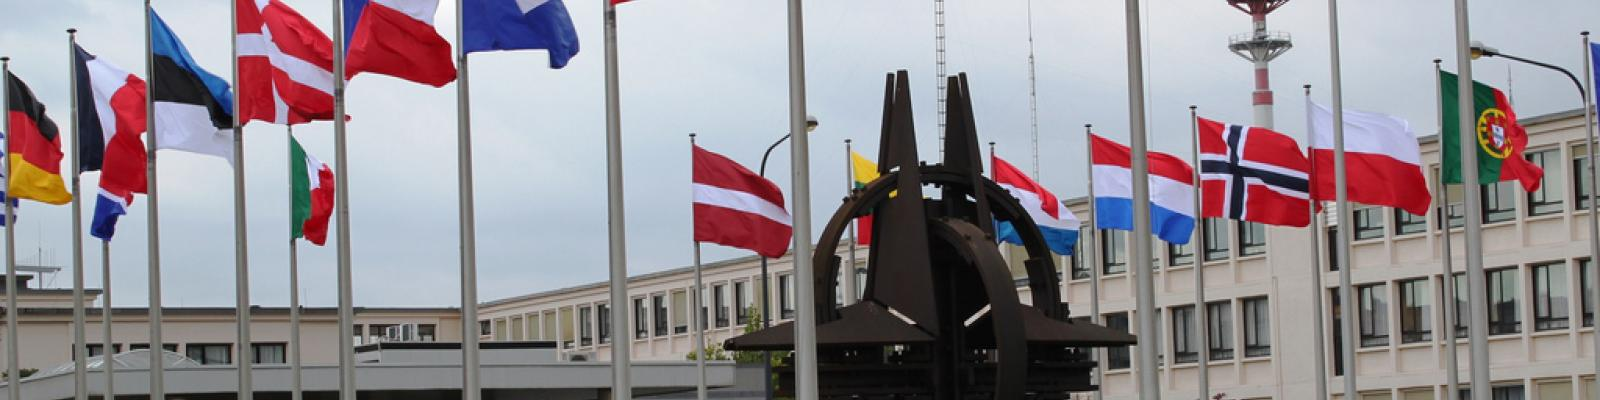 NATO's Civilian Surge